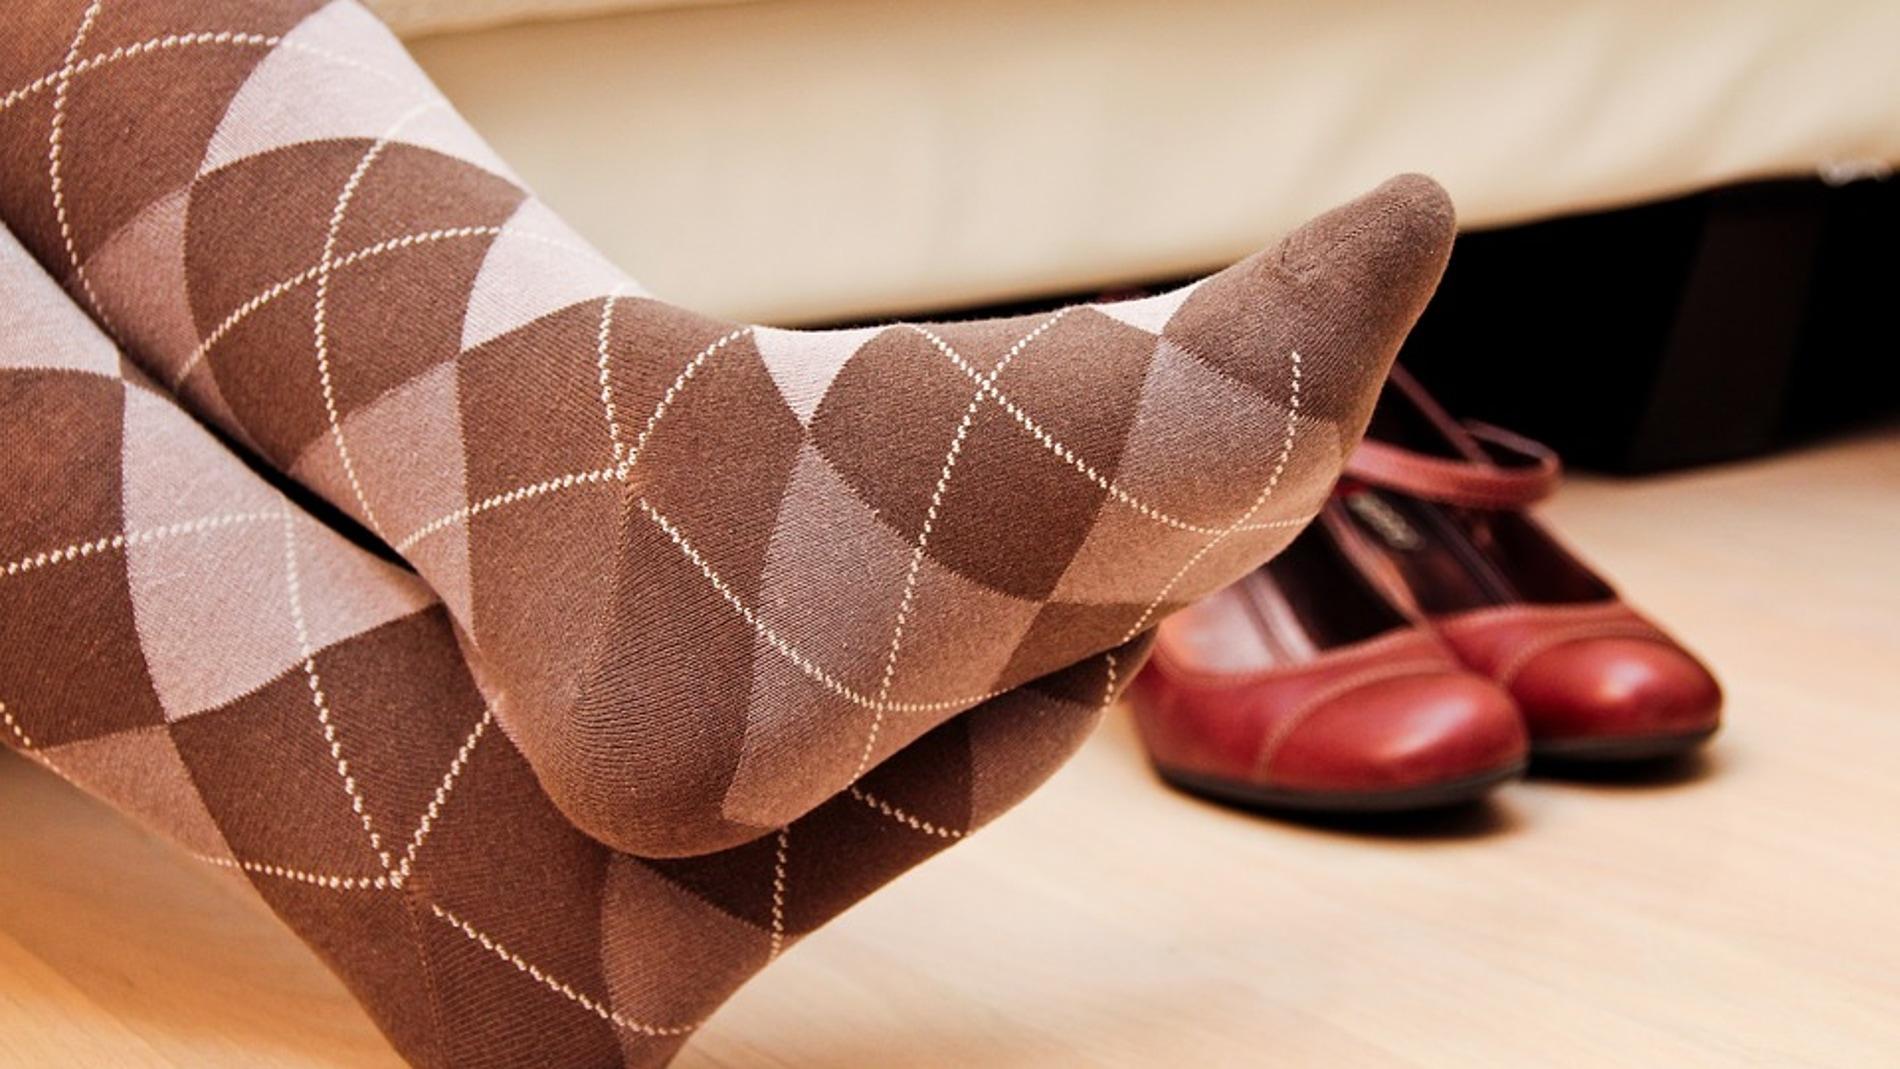 Preparados para el orgasmo con calcetines